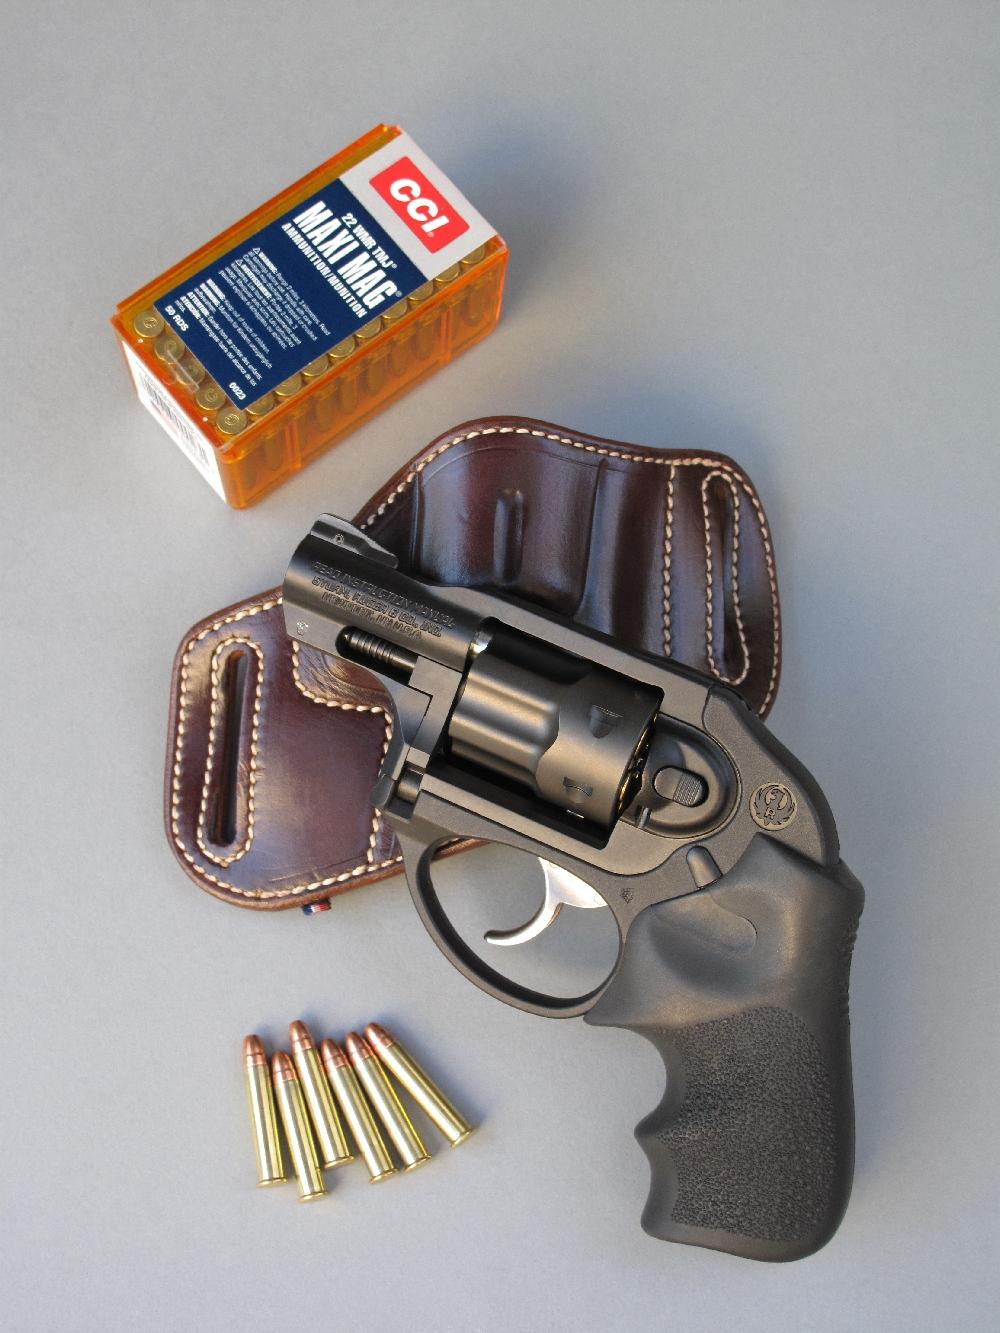 Le revolver Ruger LCR, accompagné d'un holster de stand en cuir (La Sellerie du Thymerais) et d'une boîte de cartouches « MAXI MAG » de calibre .22 Magnum manufacturées par la firme américaine CCI.